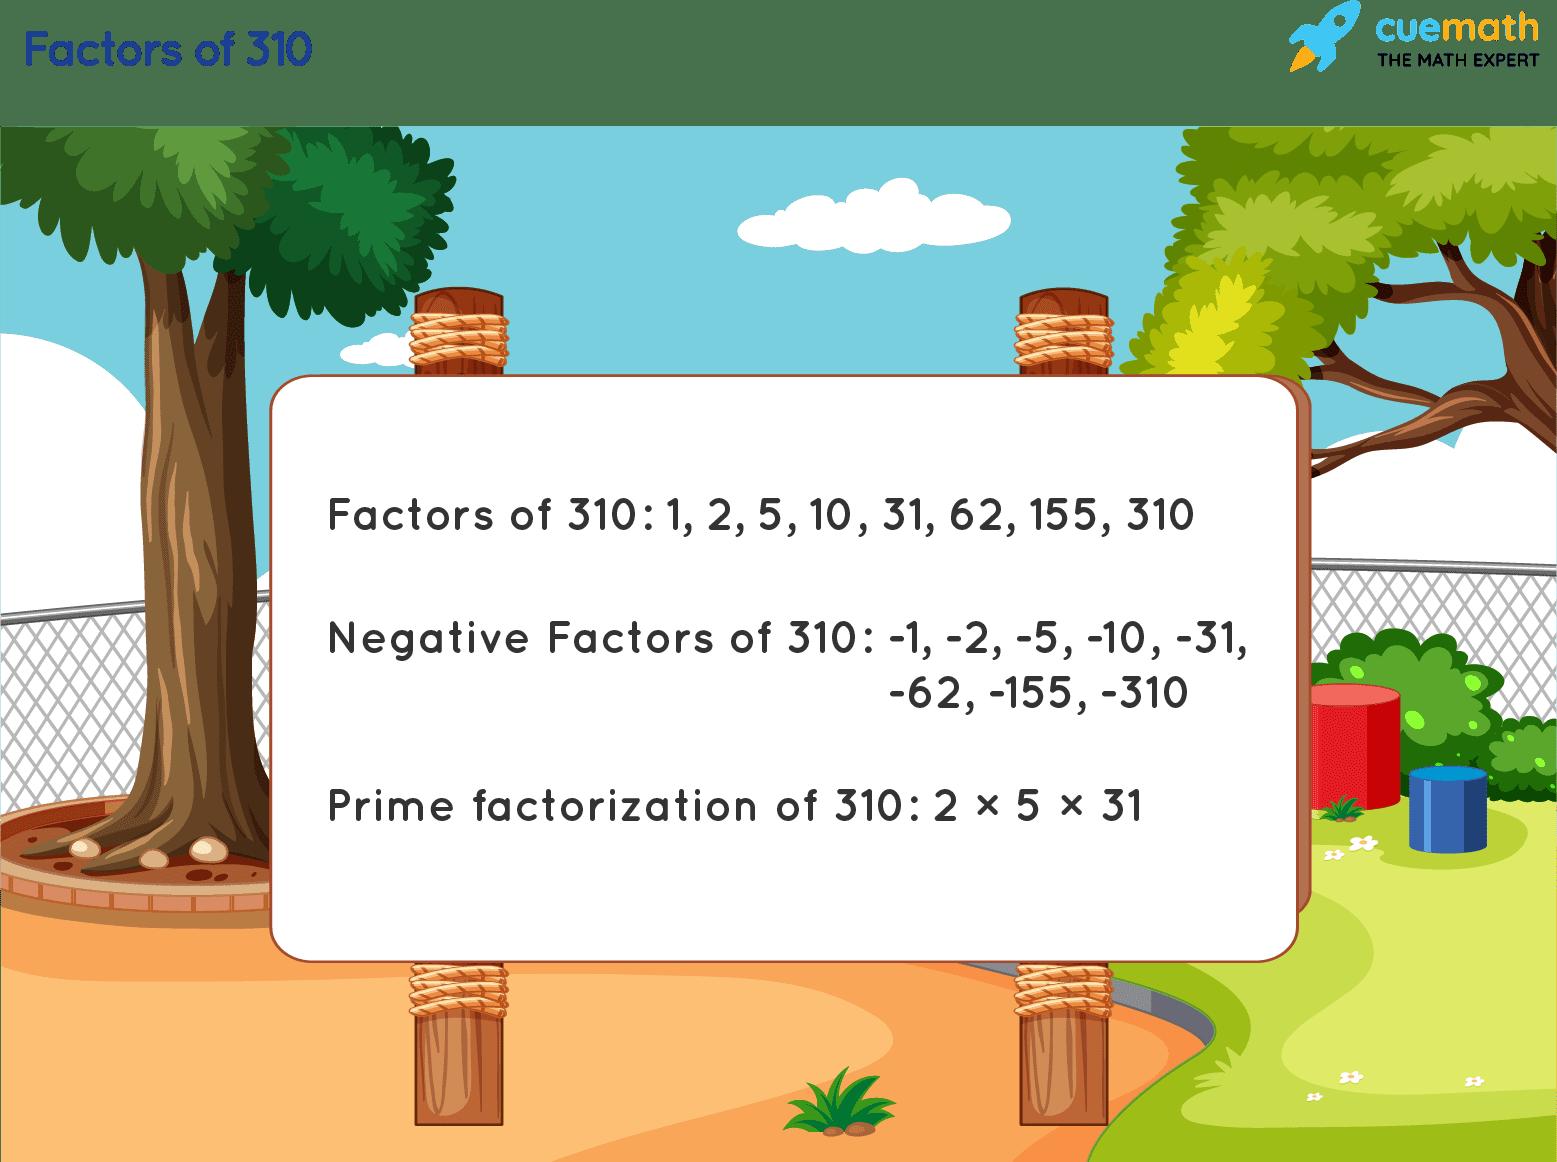 Factors of 310